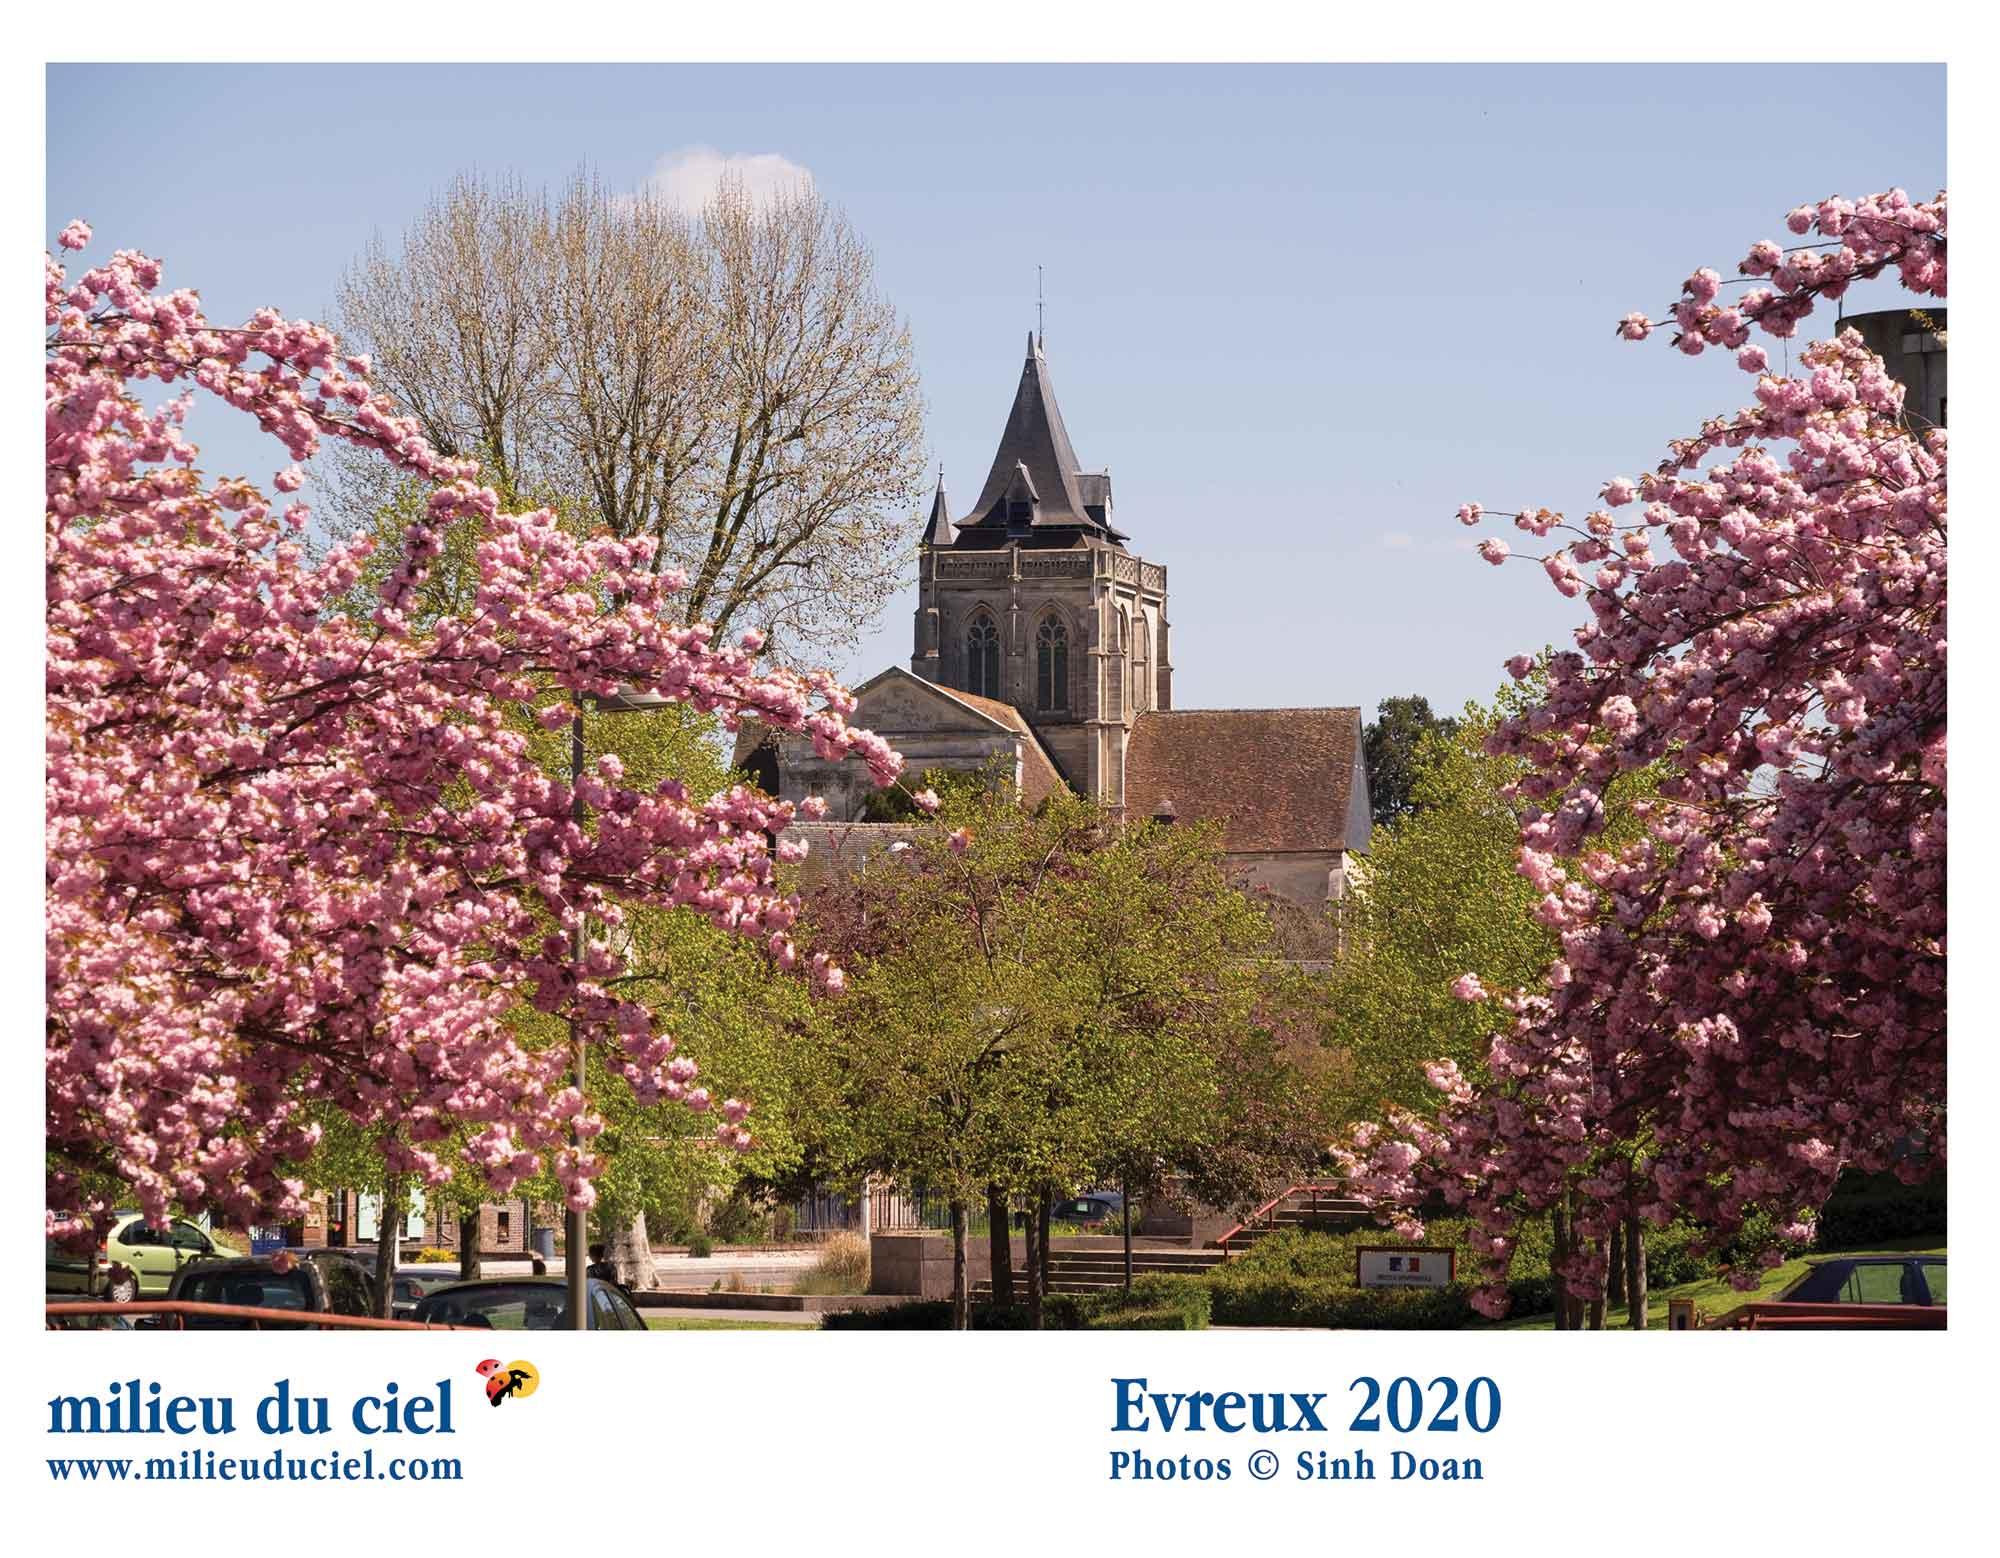 Calendrier Evreux 2020